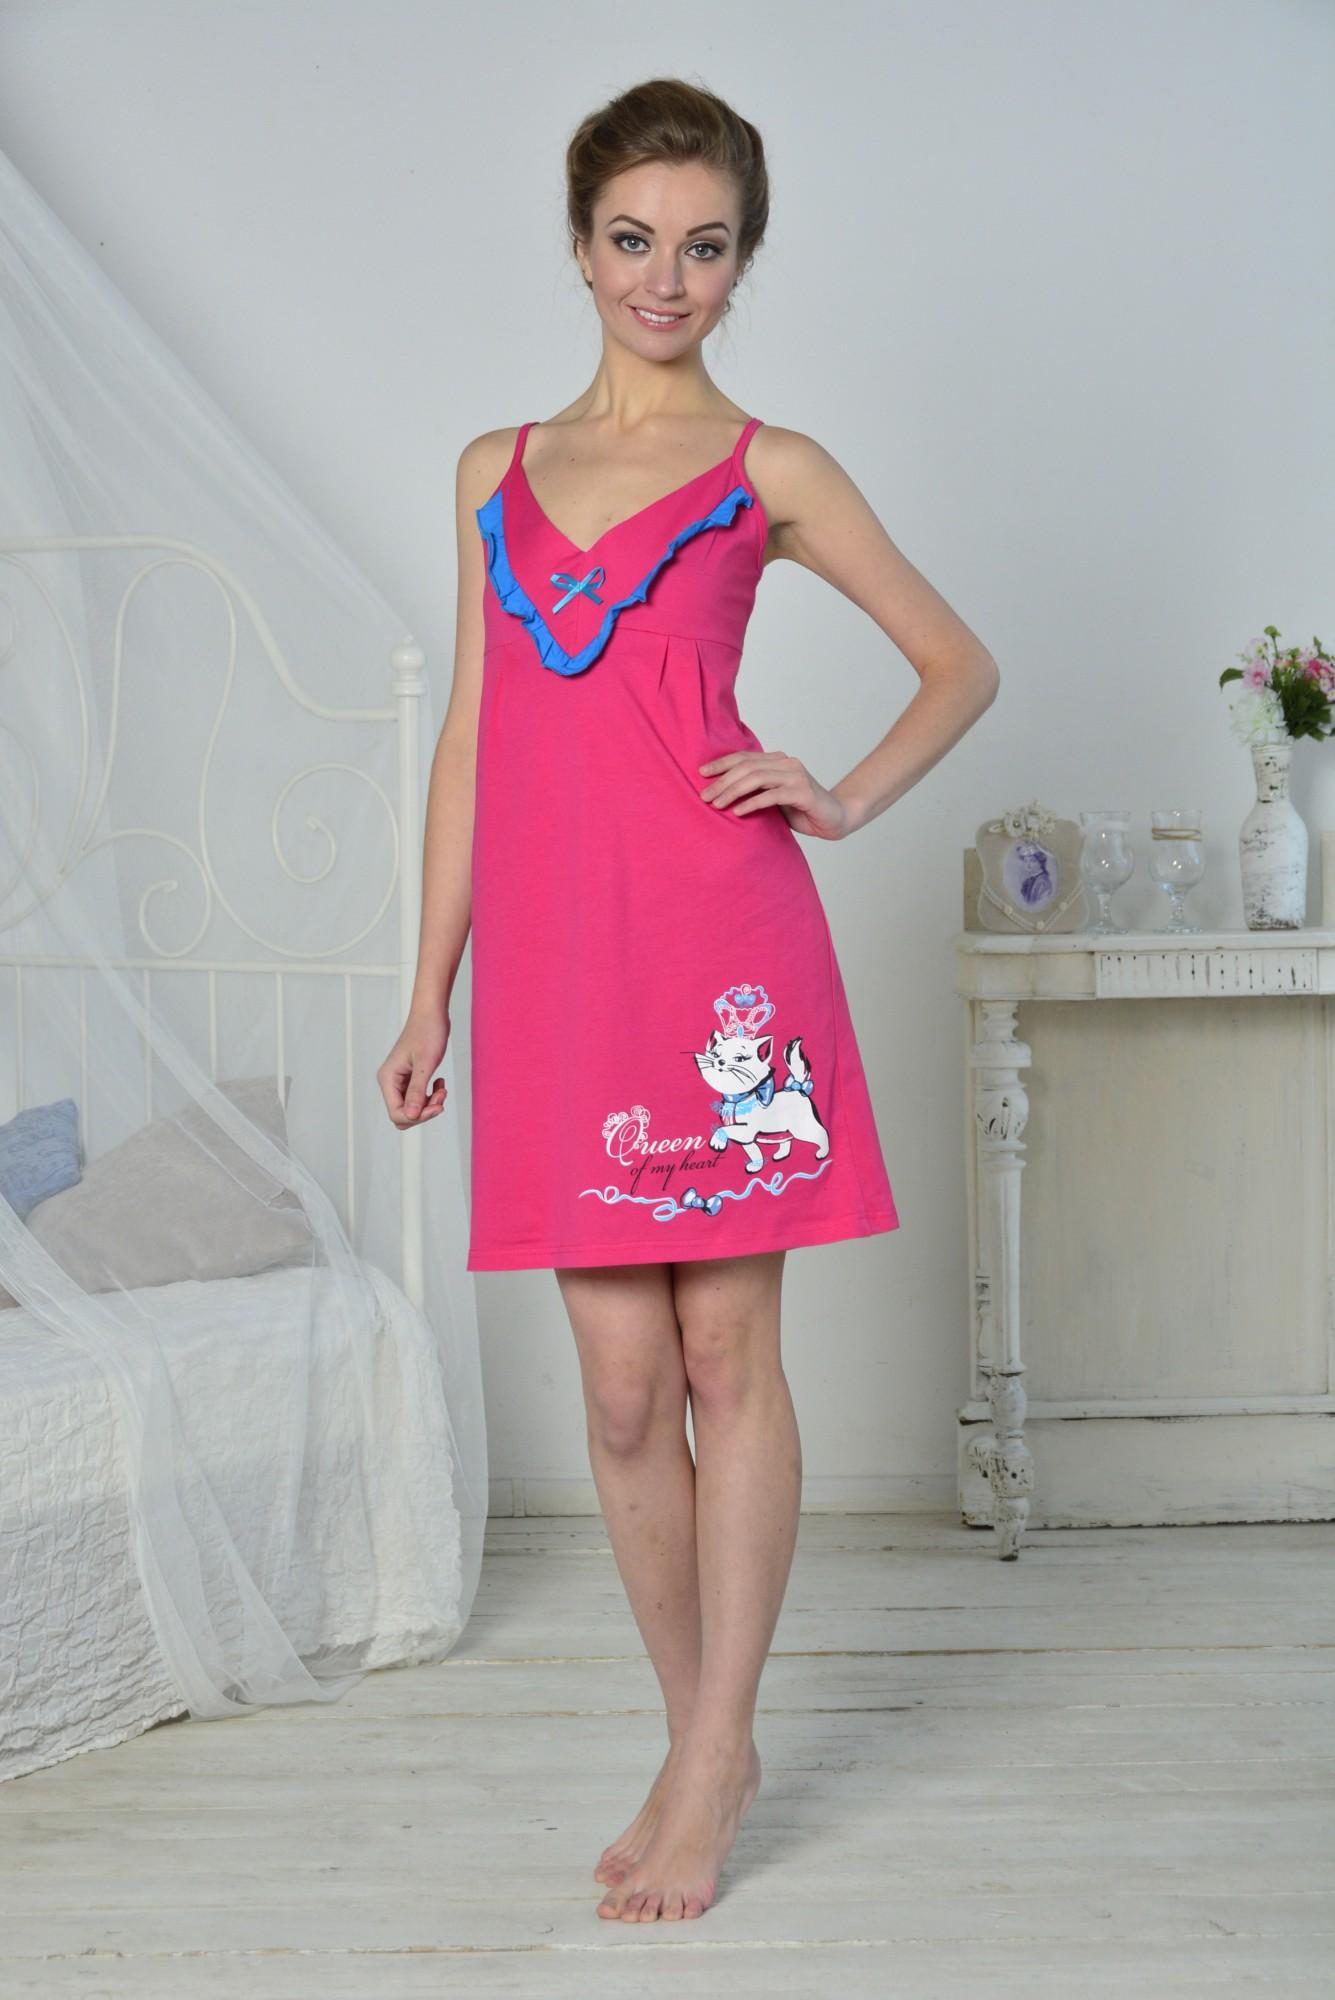 Сорочка женская Королевана тонких бретеляхСорочки<br><br><br>Размер: 42